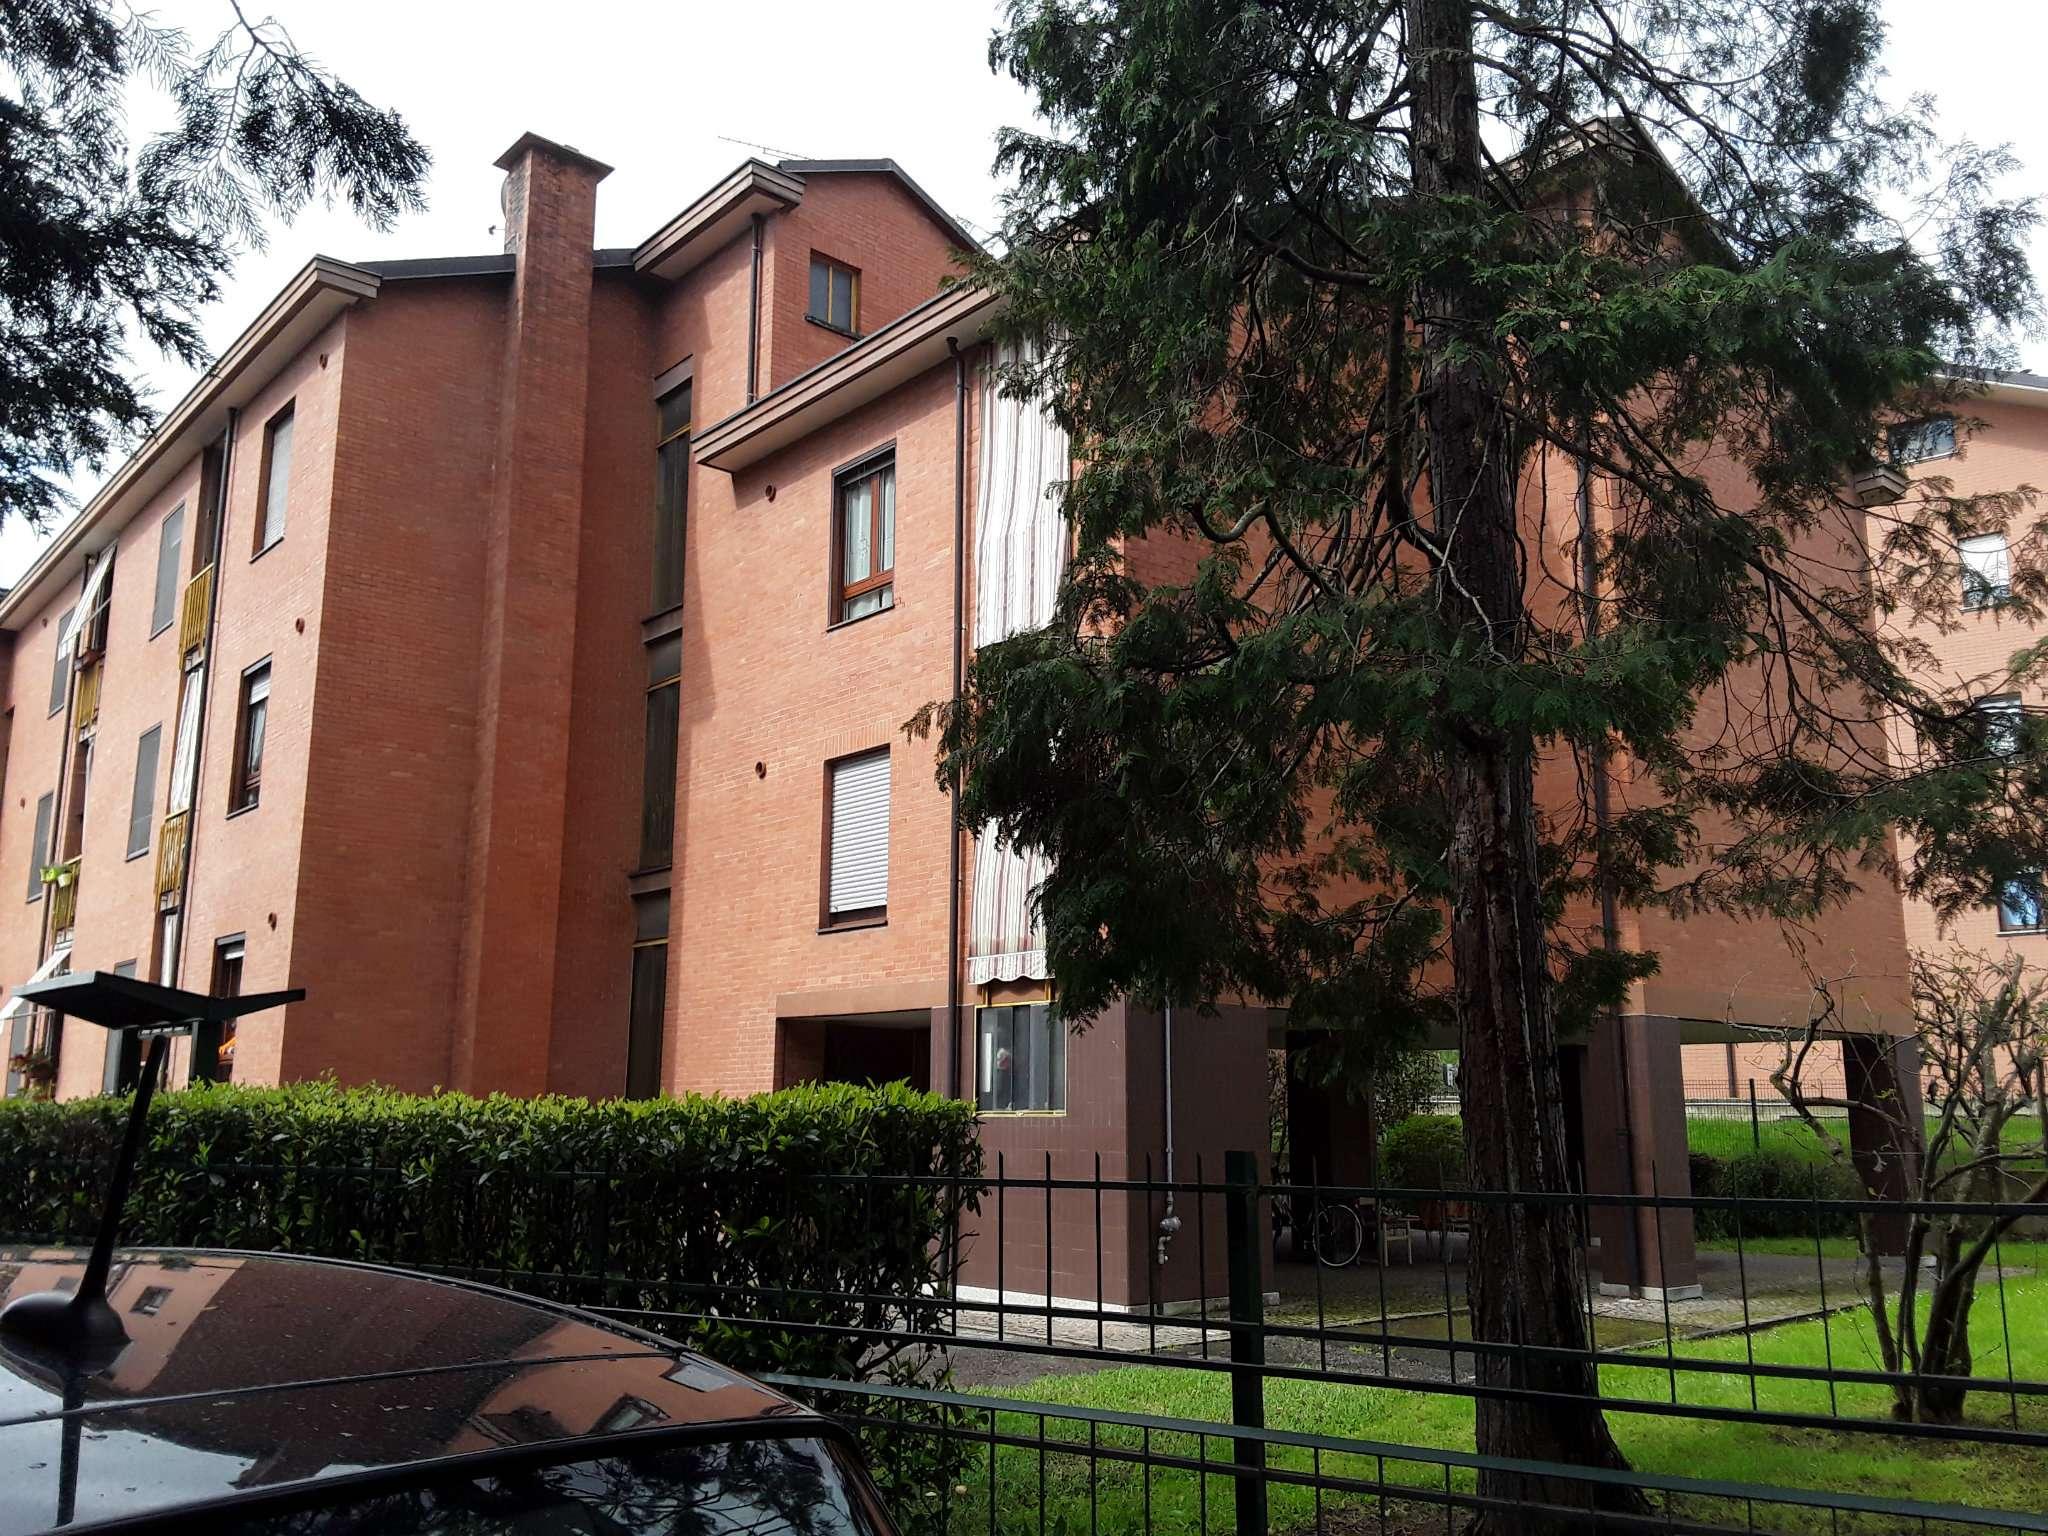 Appartamento in vendita a San Gillio, 4 locali, prezzo € 99.000 | CambioCasa.it